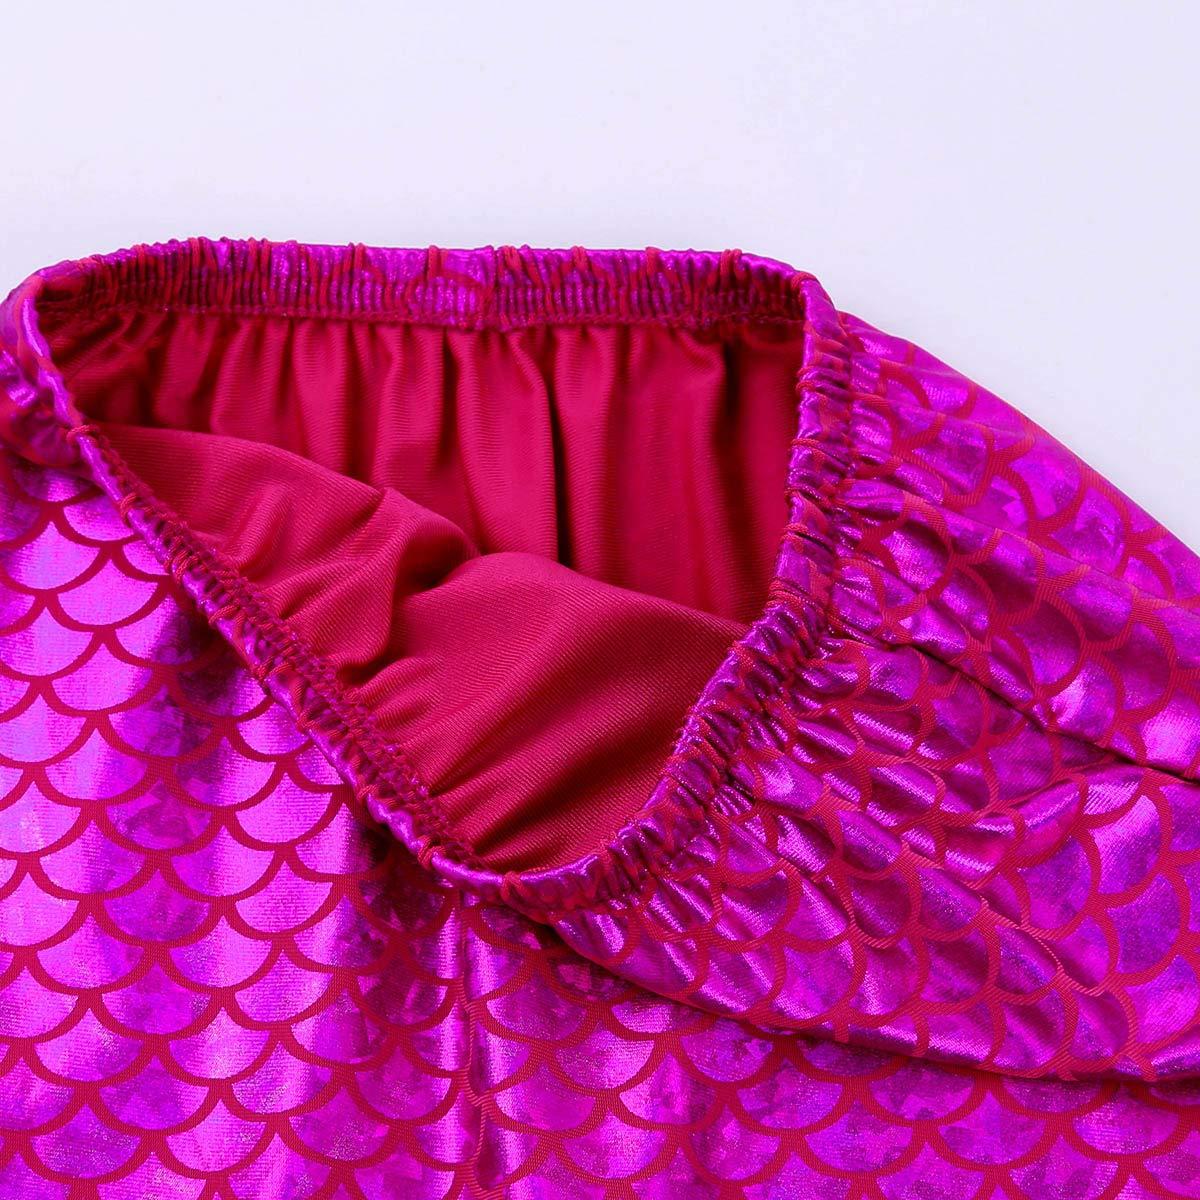 CHICTRY Cola de Sirena Mujer para Nadar Ba/ñador Brillantes Ropa de Ba/ño Princesa Mermaid Tail Disfraz de Sirena Cosplay Swimwear